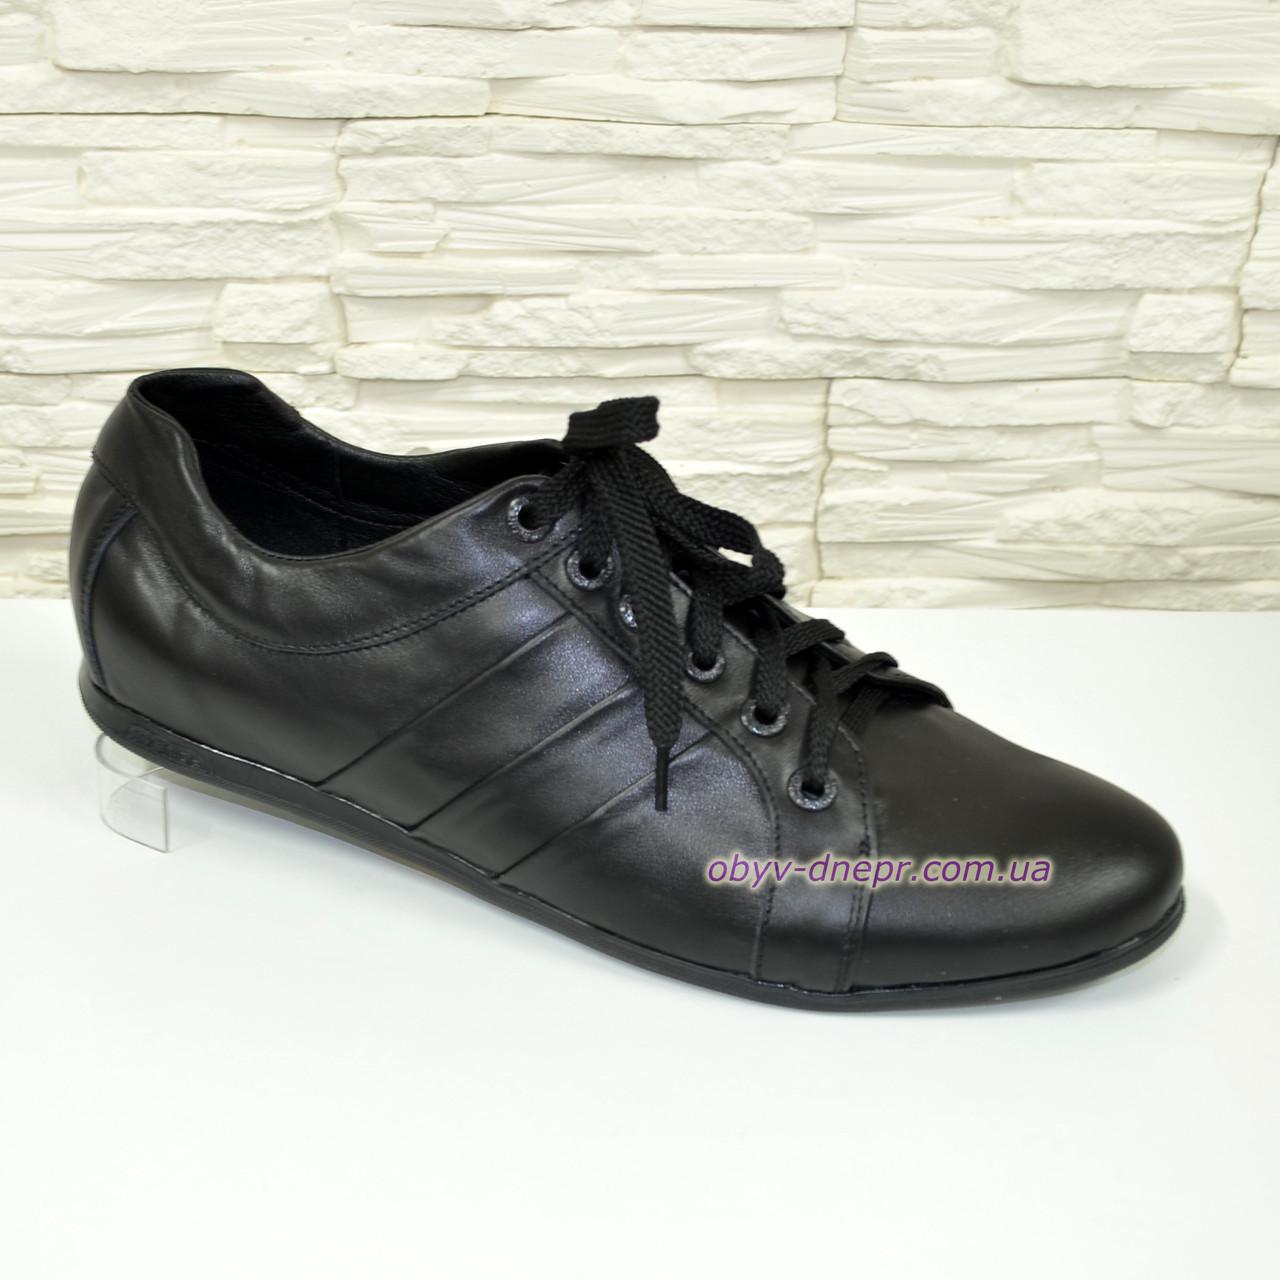 Туфли-кроссовки мужские комфортные, натуральная черная кожа.